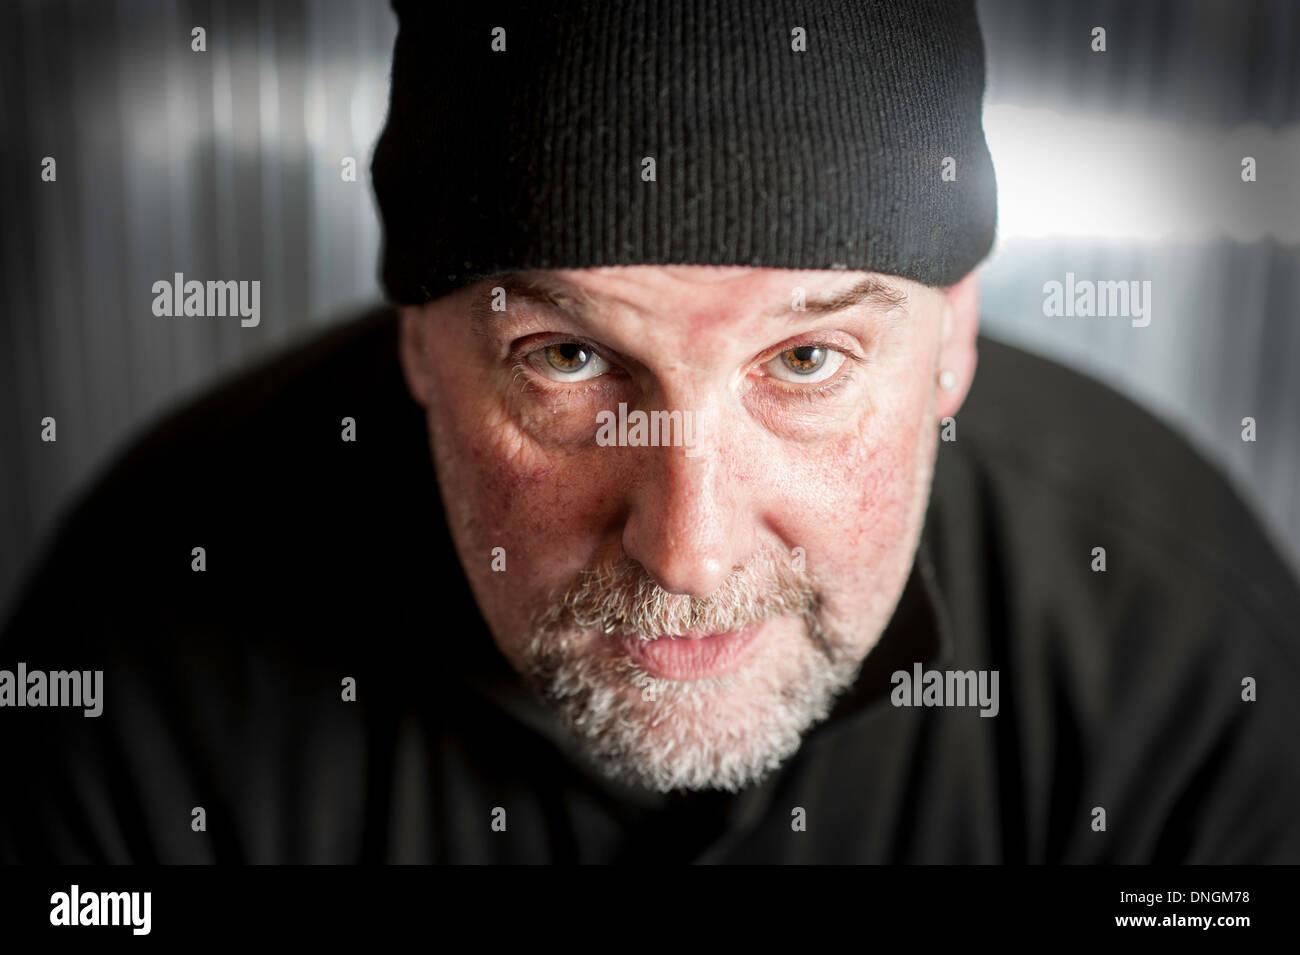 White male man cap face portrait photograph - Stock Image